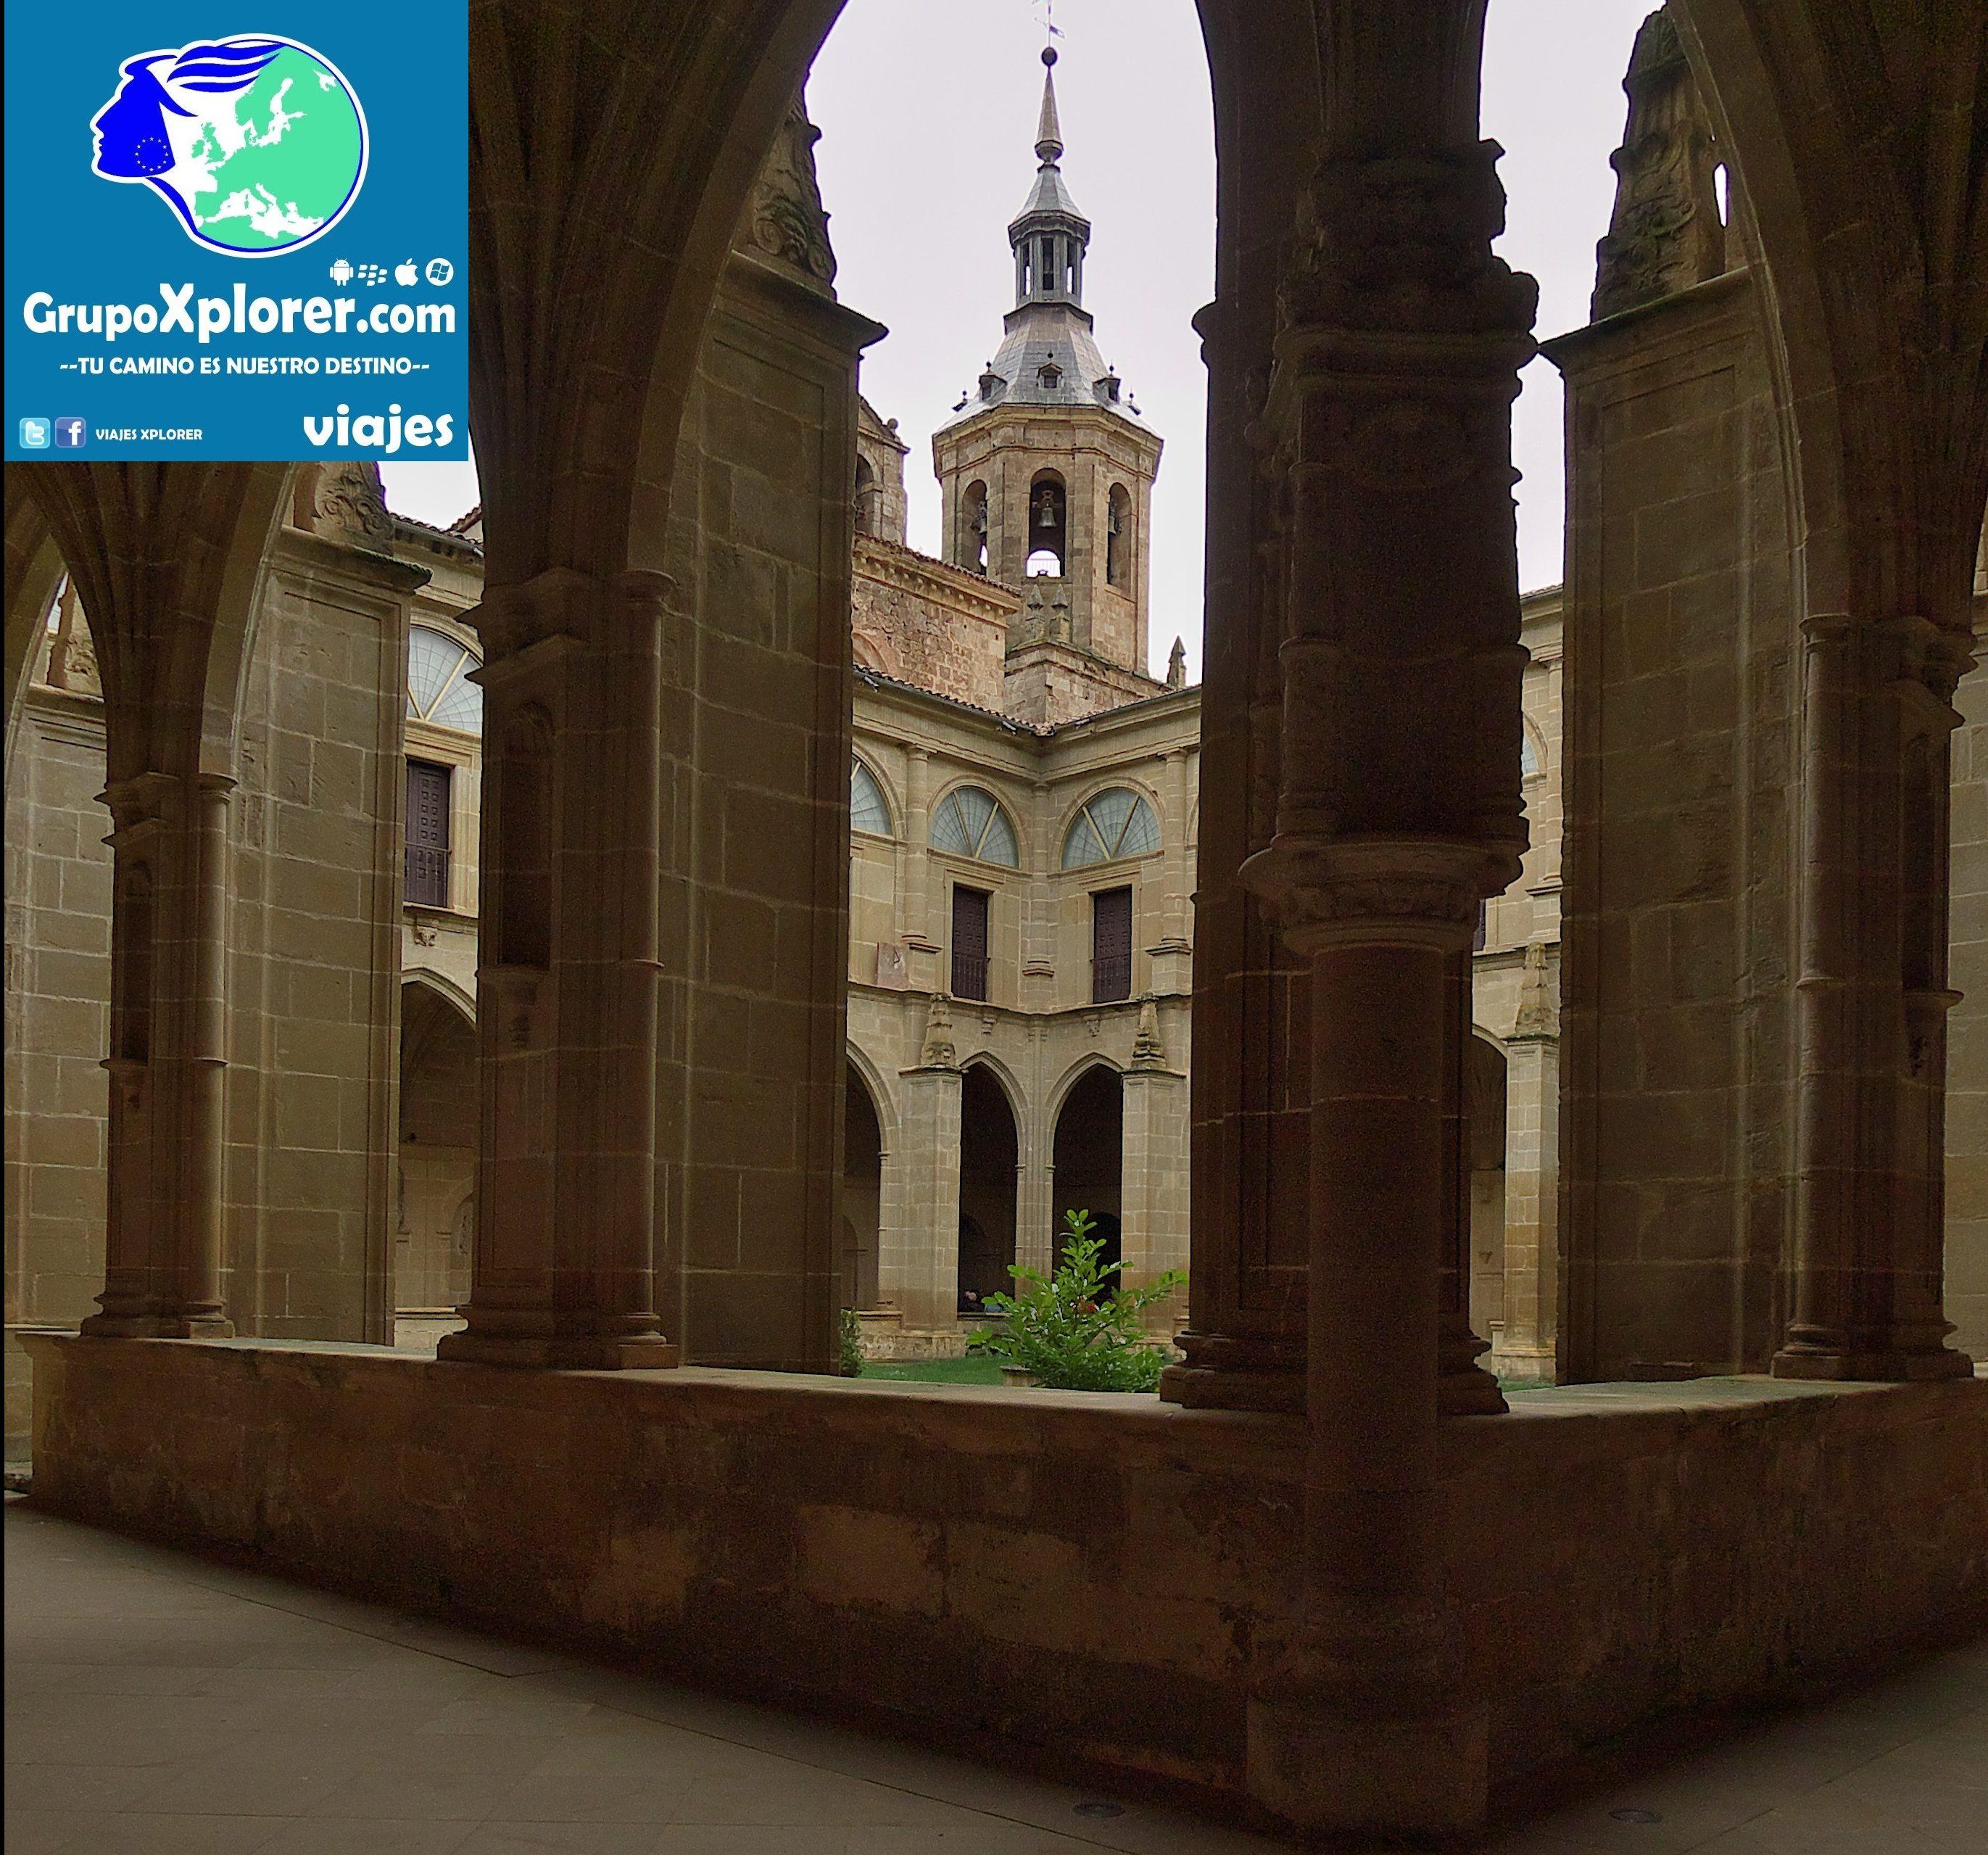 Monasterio_de_Yuso._Claustro